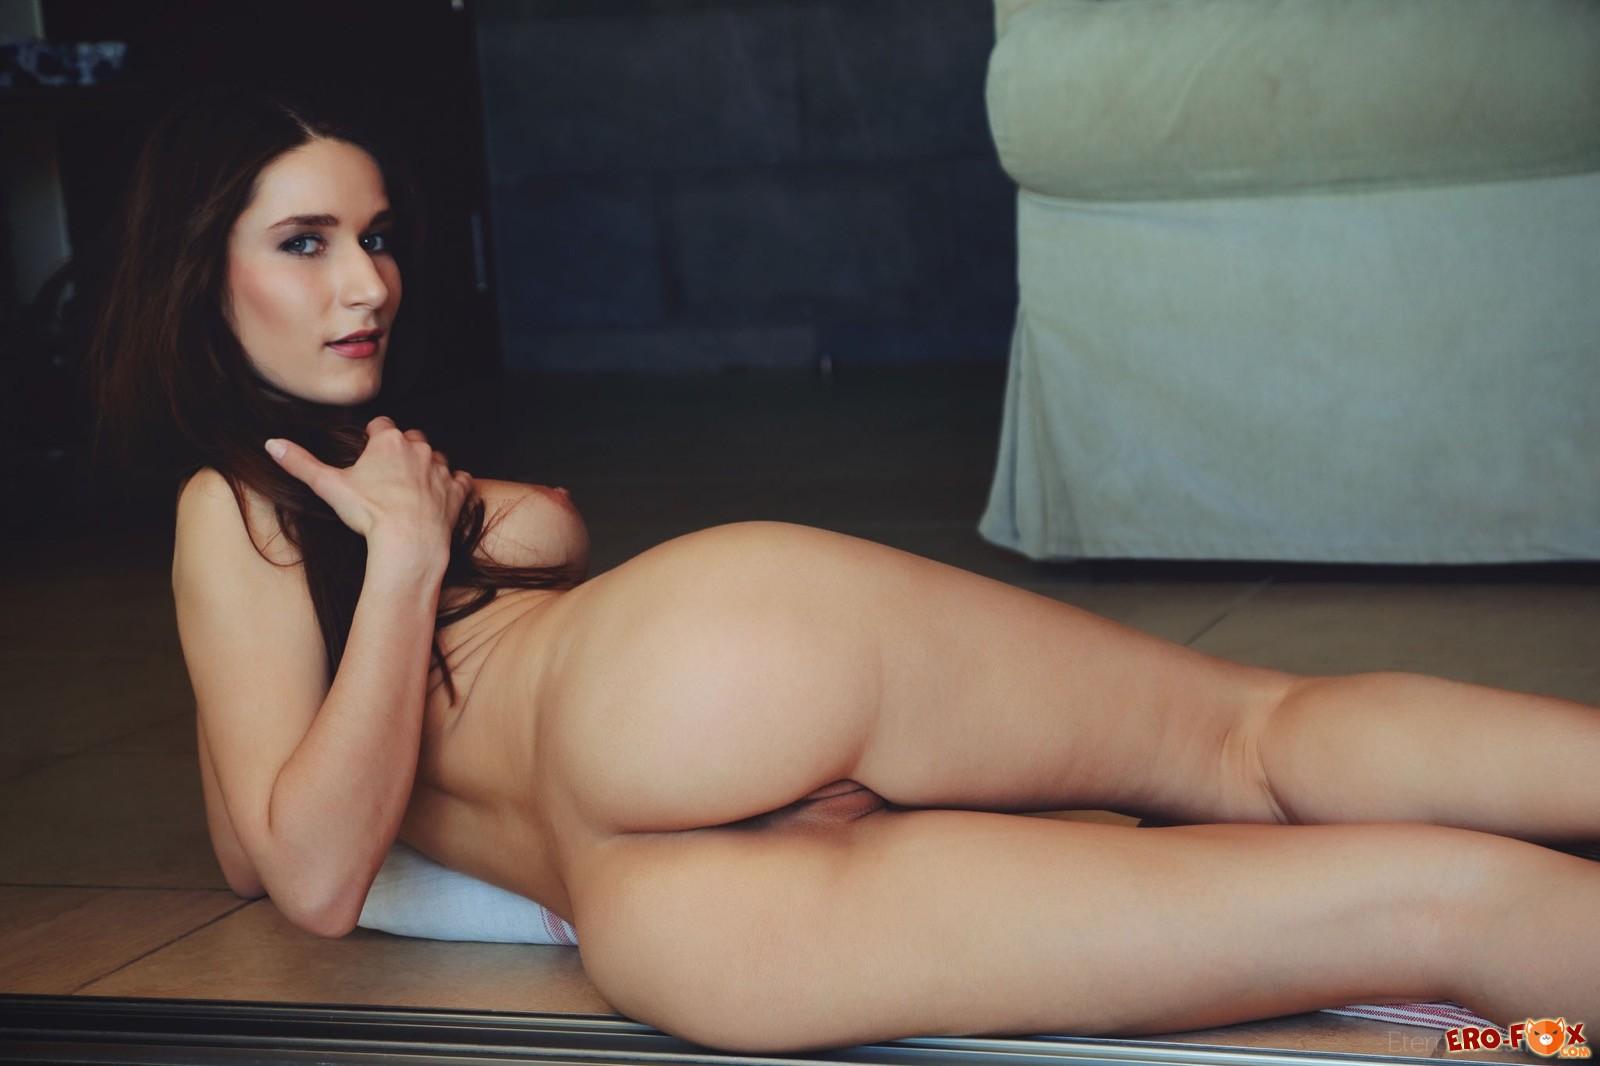 Сексапильная стройняшка устроилась голой на полу